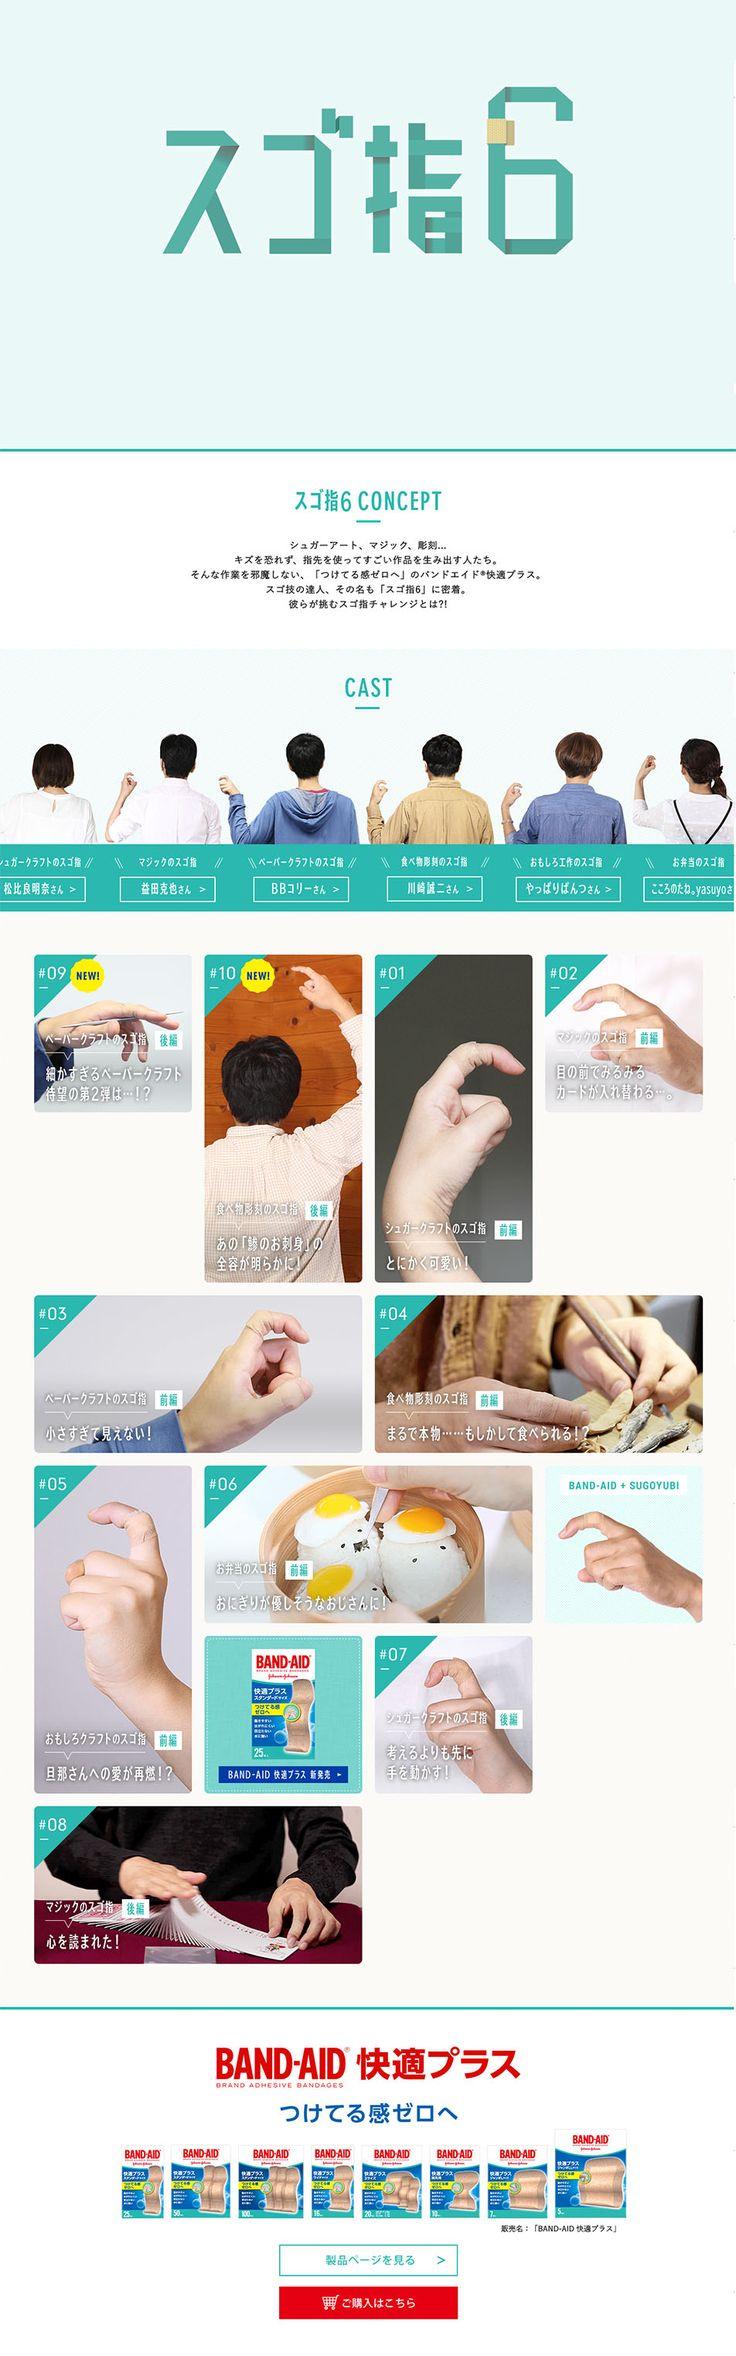 スゴ指6【日用雑貨関連】のLPデザイン。WEBデザイナーさん必見!ランディングページのデザイン参考に(シンプル系)